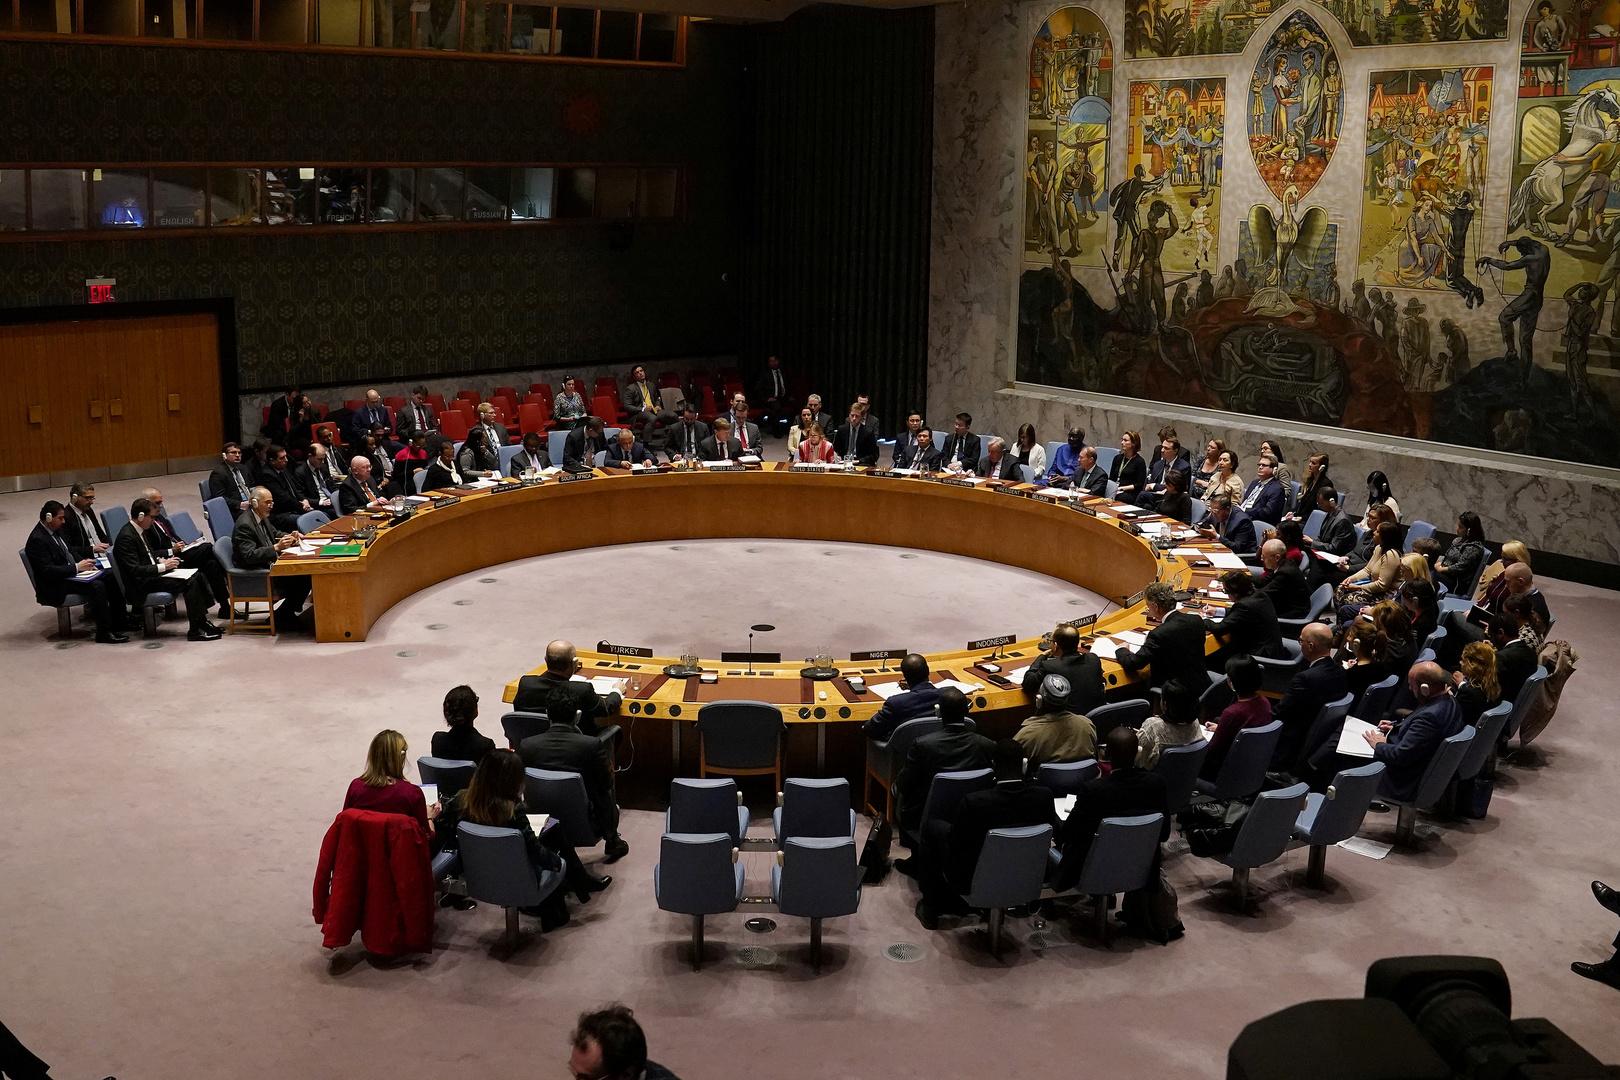 جلسة لمجلس الأمن الدولي حول سوريا.